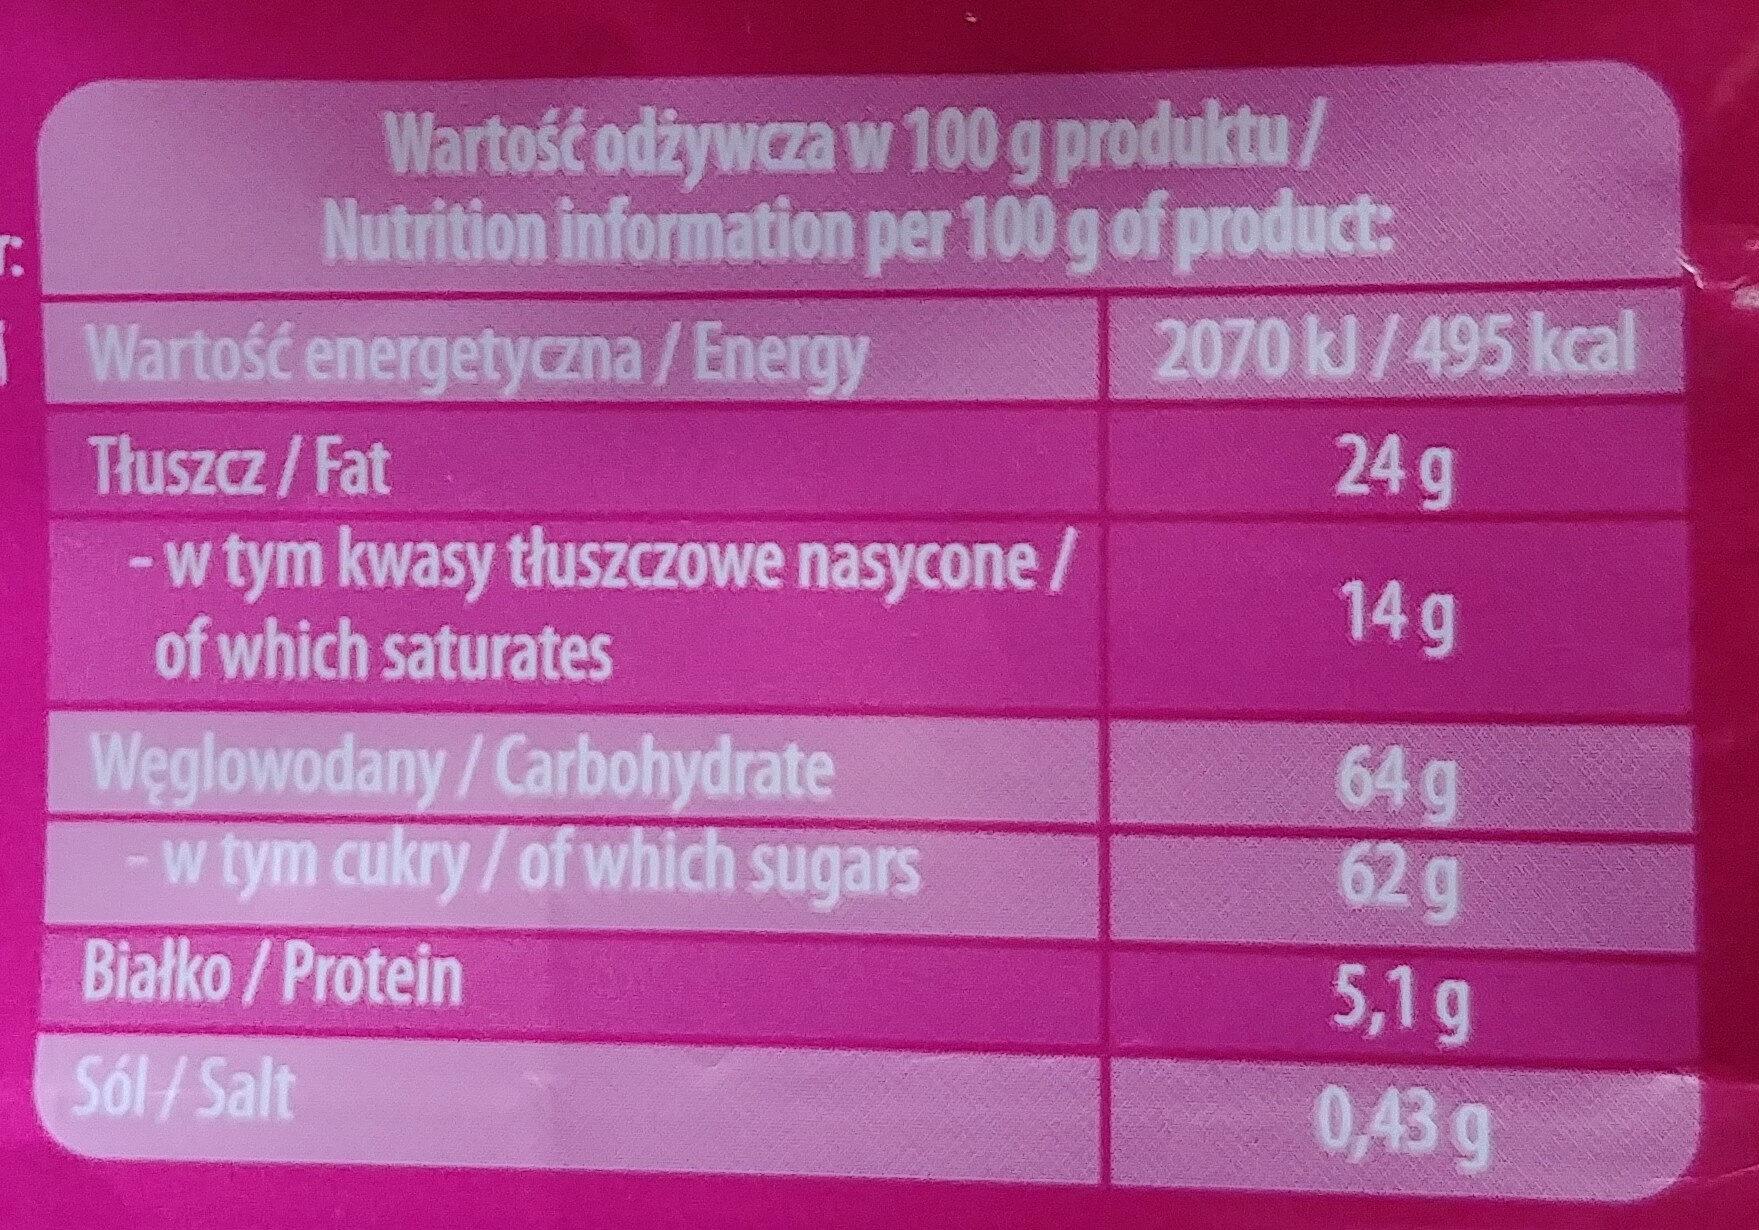 Czekolada mleczna z nadzieniem o smaku karmelowym - Wartości odżywcze - pl